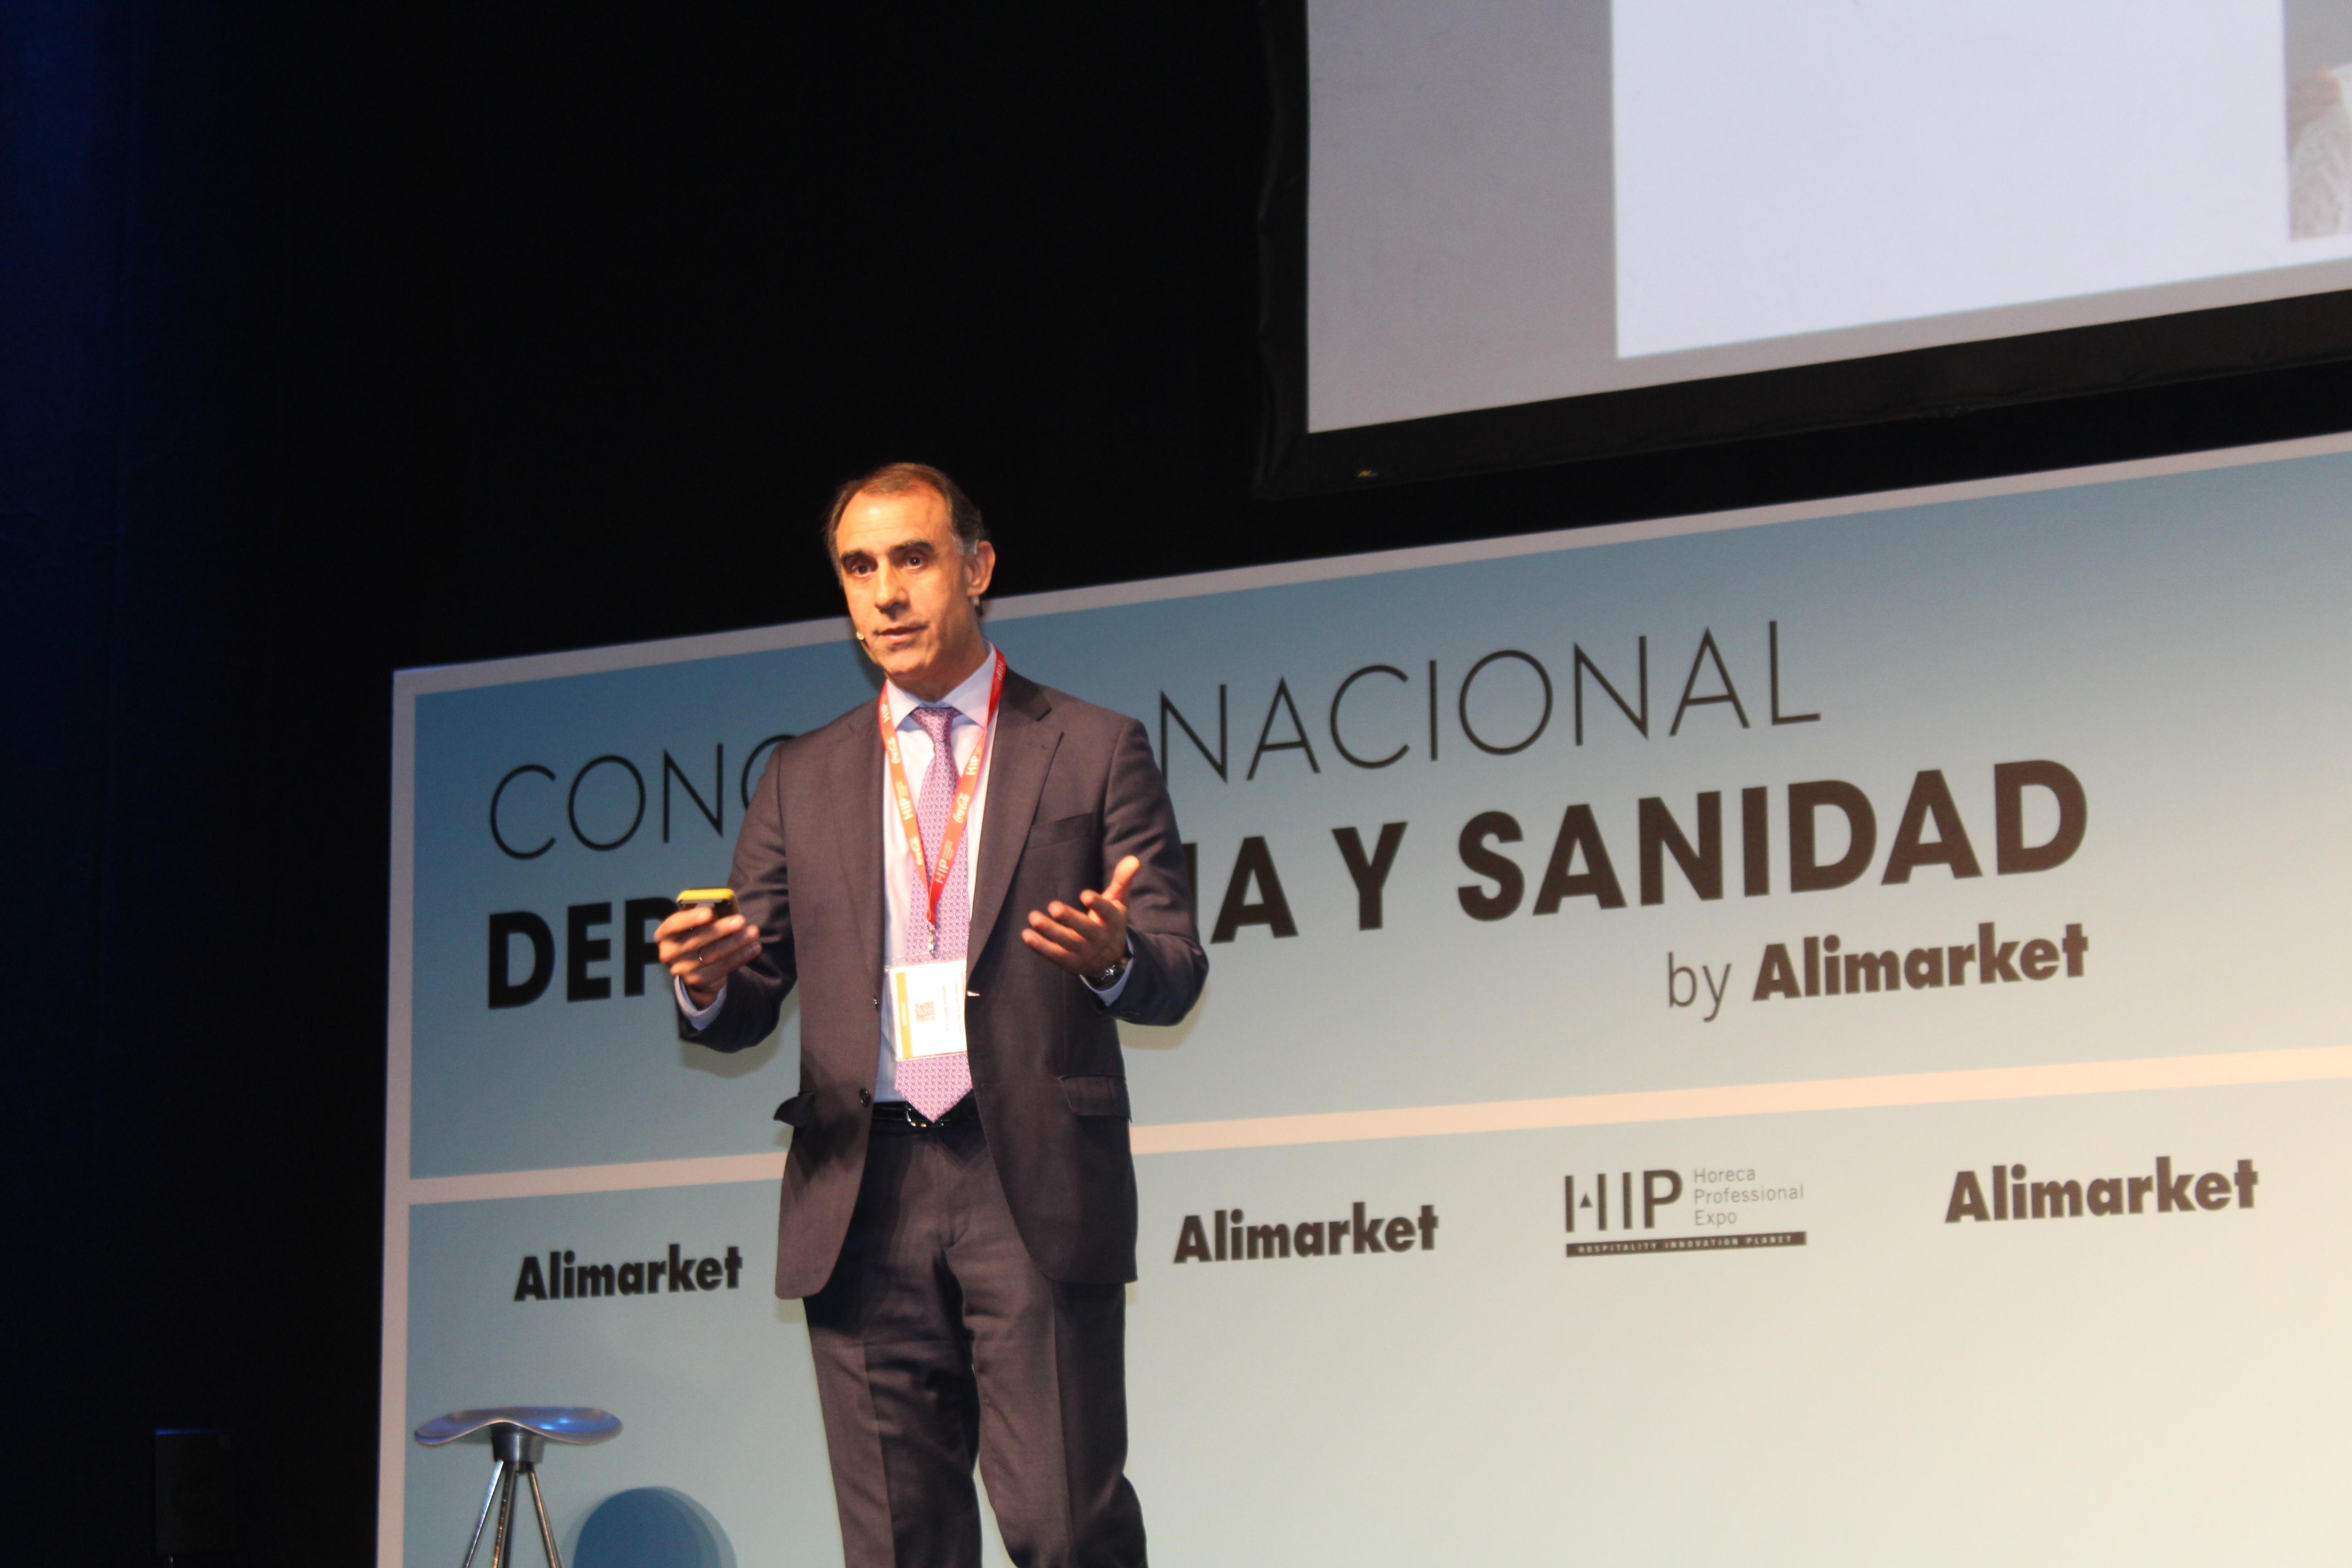 El Congreso Nacional Dependencia y Sanidad by Alimarket analiza los retos a los que se enfrenta el mercado geriátrico